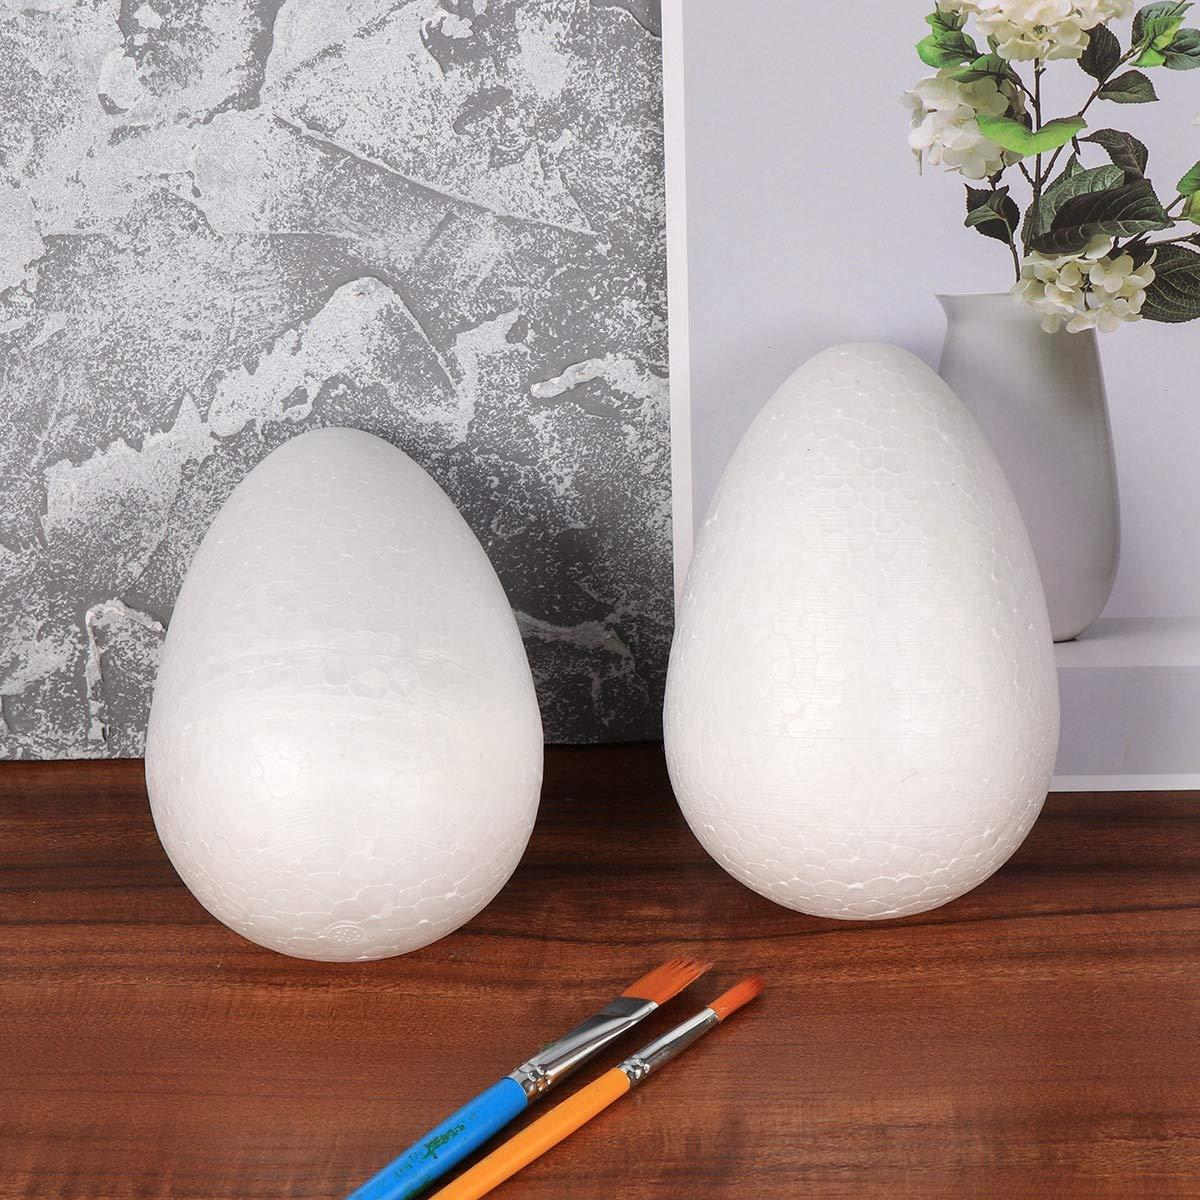 Amosfun Pintura de espuma de huevo DIY decoraci/ón de espuma de poliestireno de Pascua para ni/ños artesan/ía festival blanco